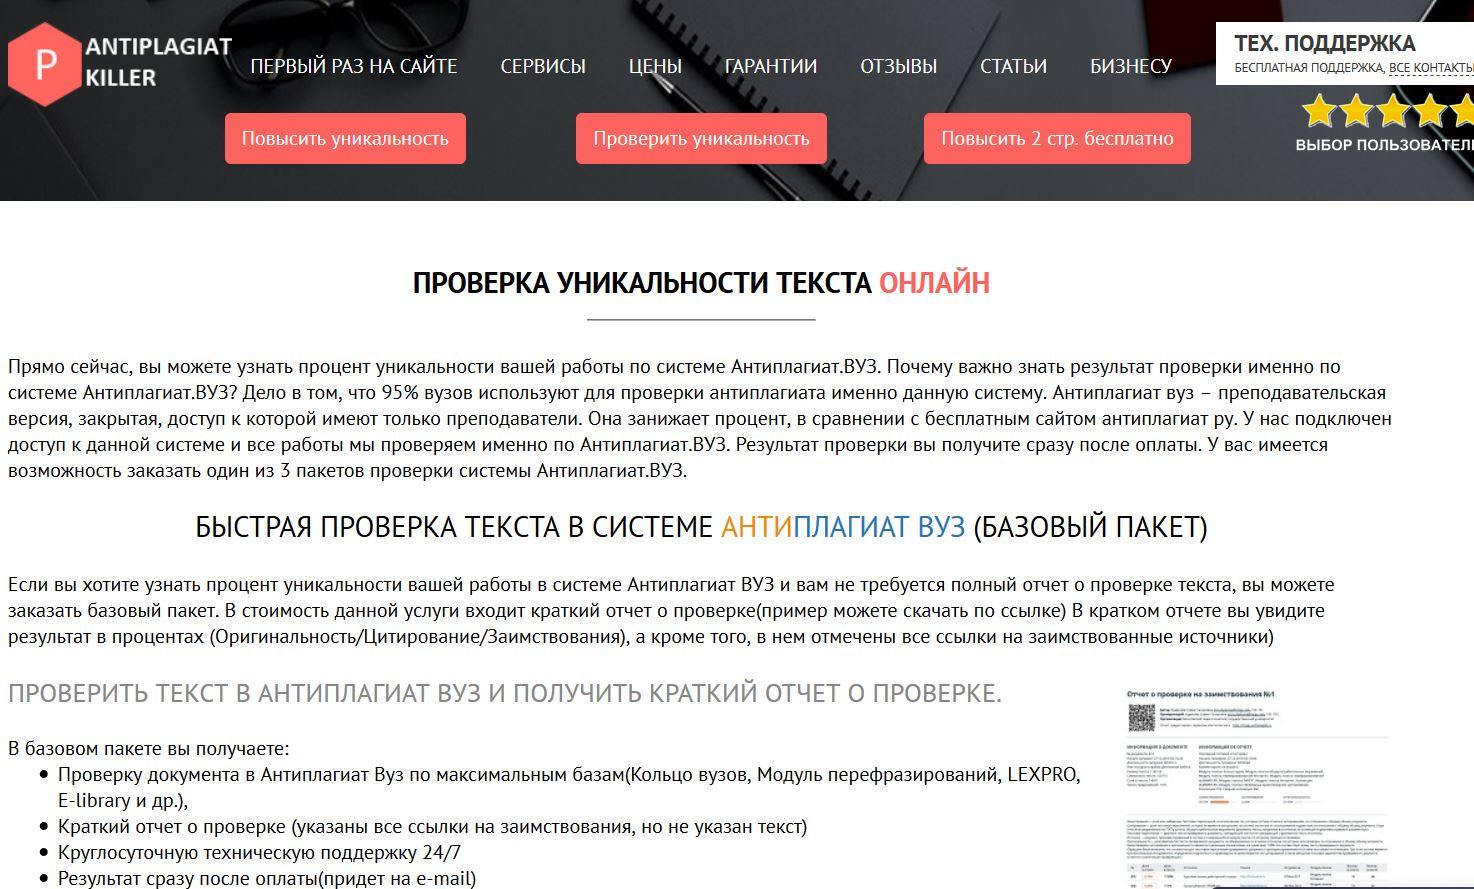 проверка на плагиат онлайн без регистрации